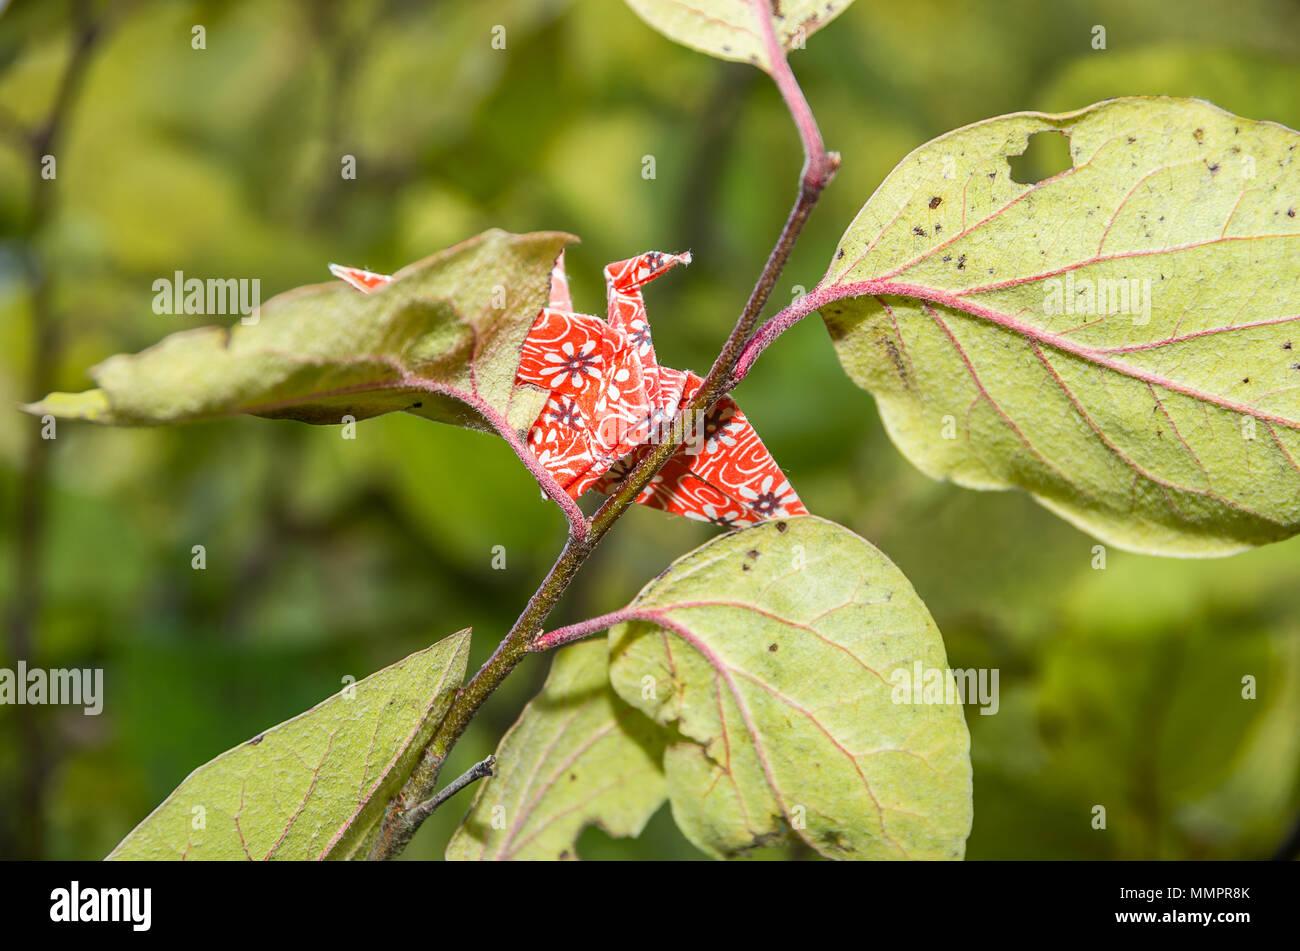 Origami Papier Kran aus original japanischen Origami Papier in einem natürlichen Garten Umgebung eingerichtet. Stockfoto